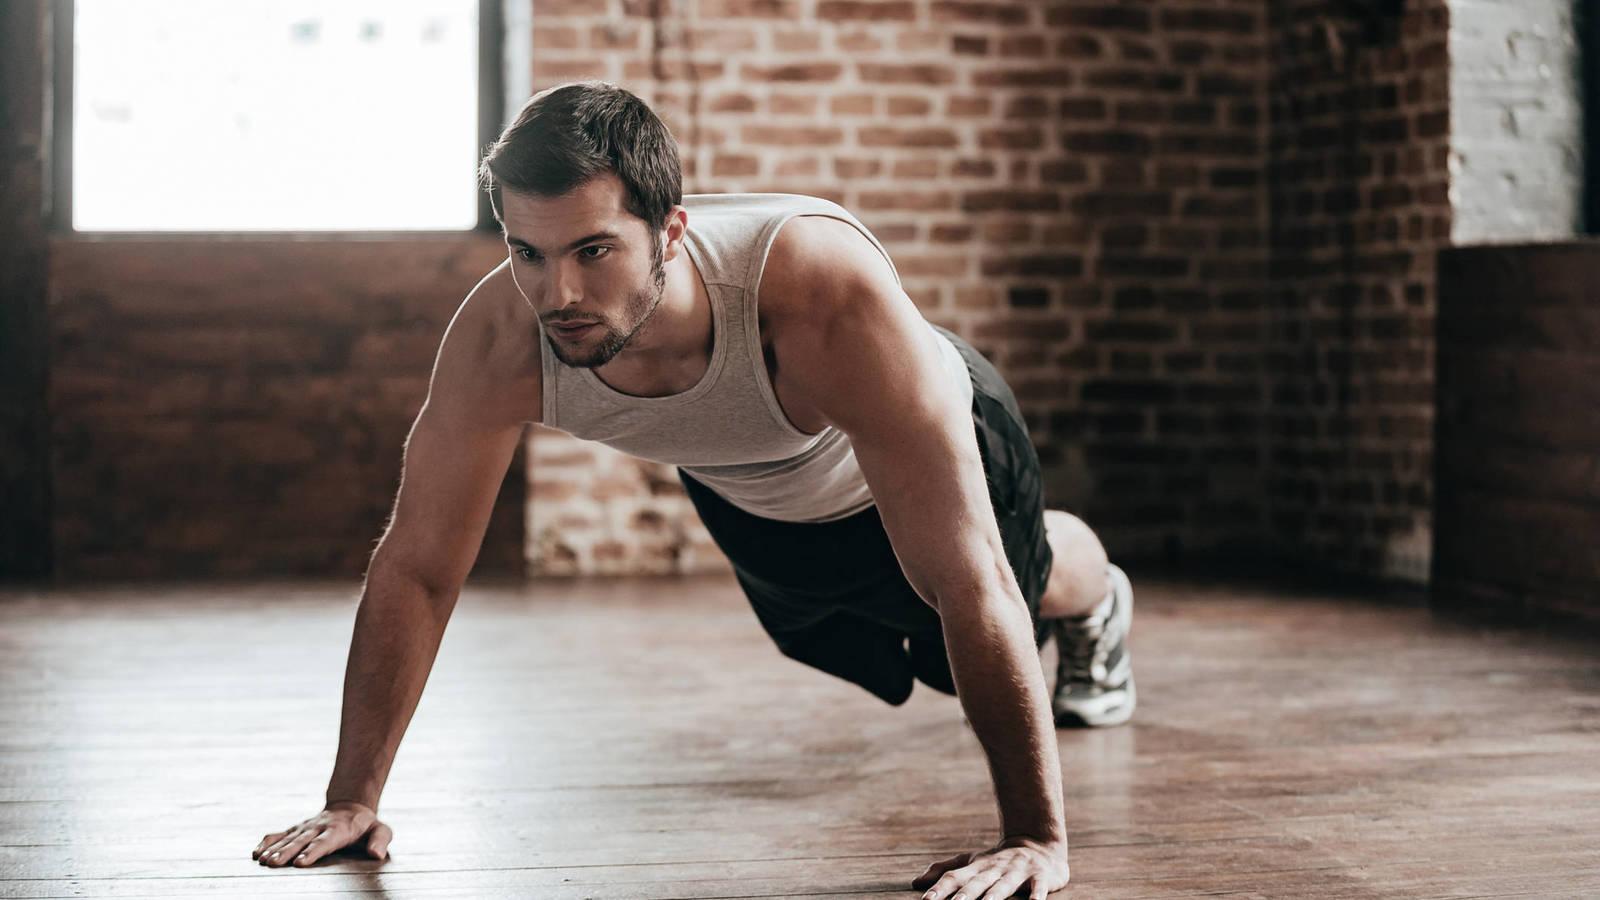 Persona haciendo ejercicio para tener más energía